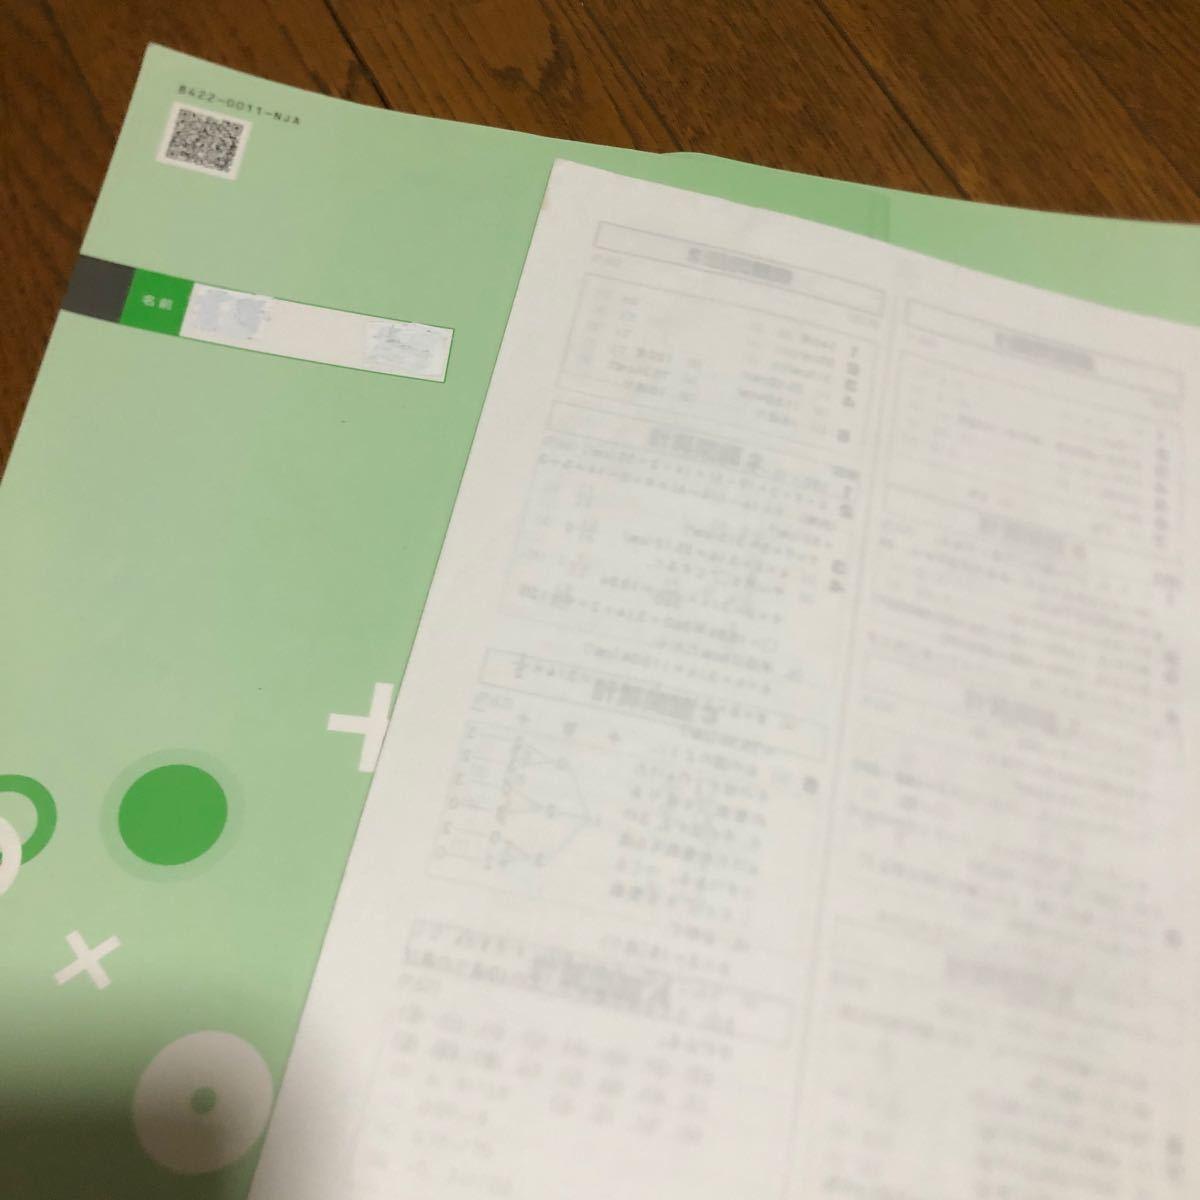 中学受験 小学5年 サマーVゼミ 新演習冬季テキスト 国語、算数 3冊中古使用品